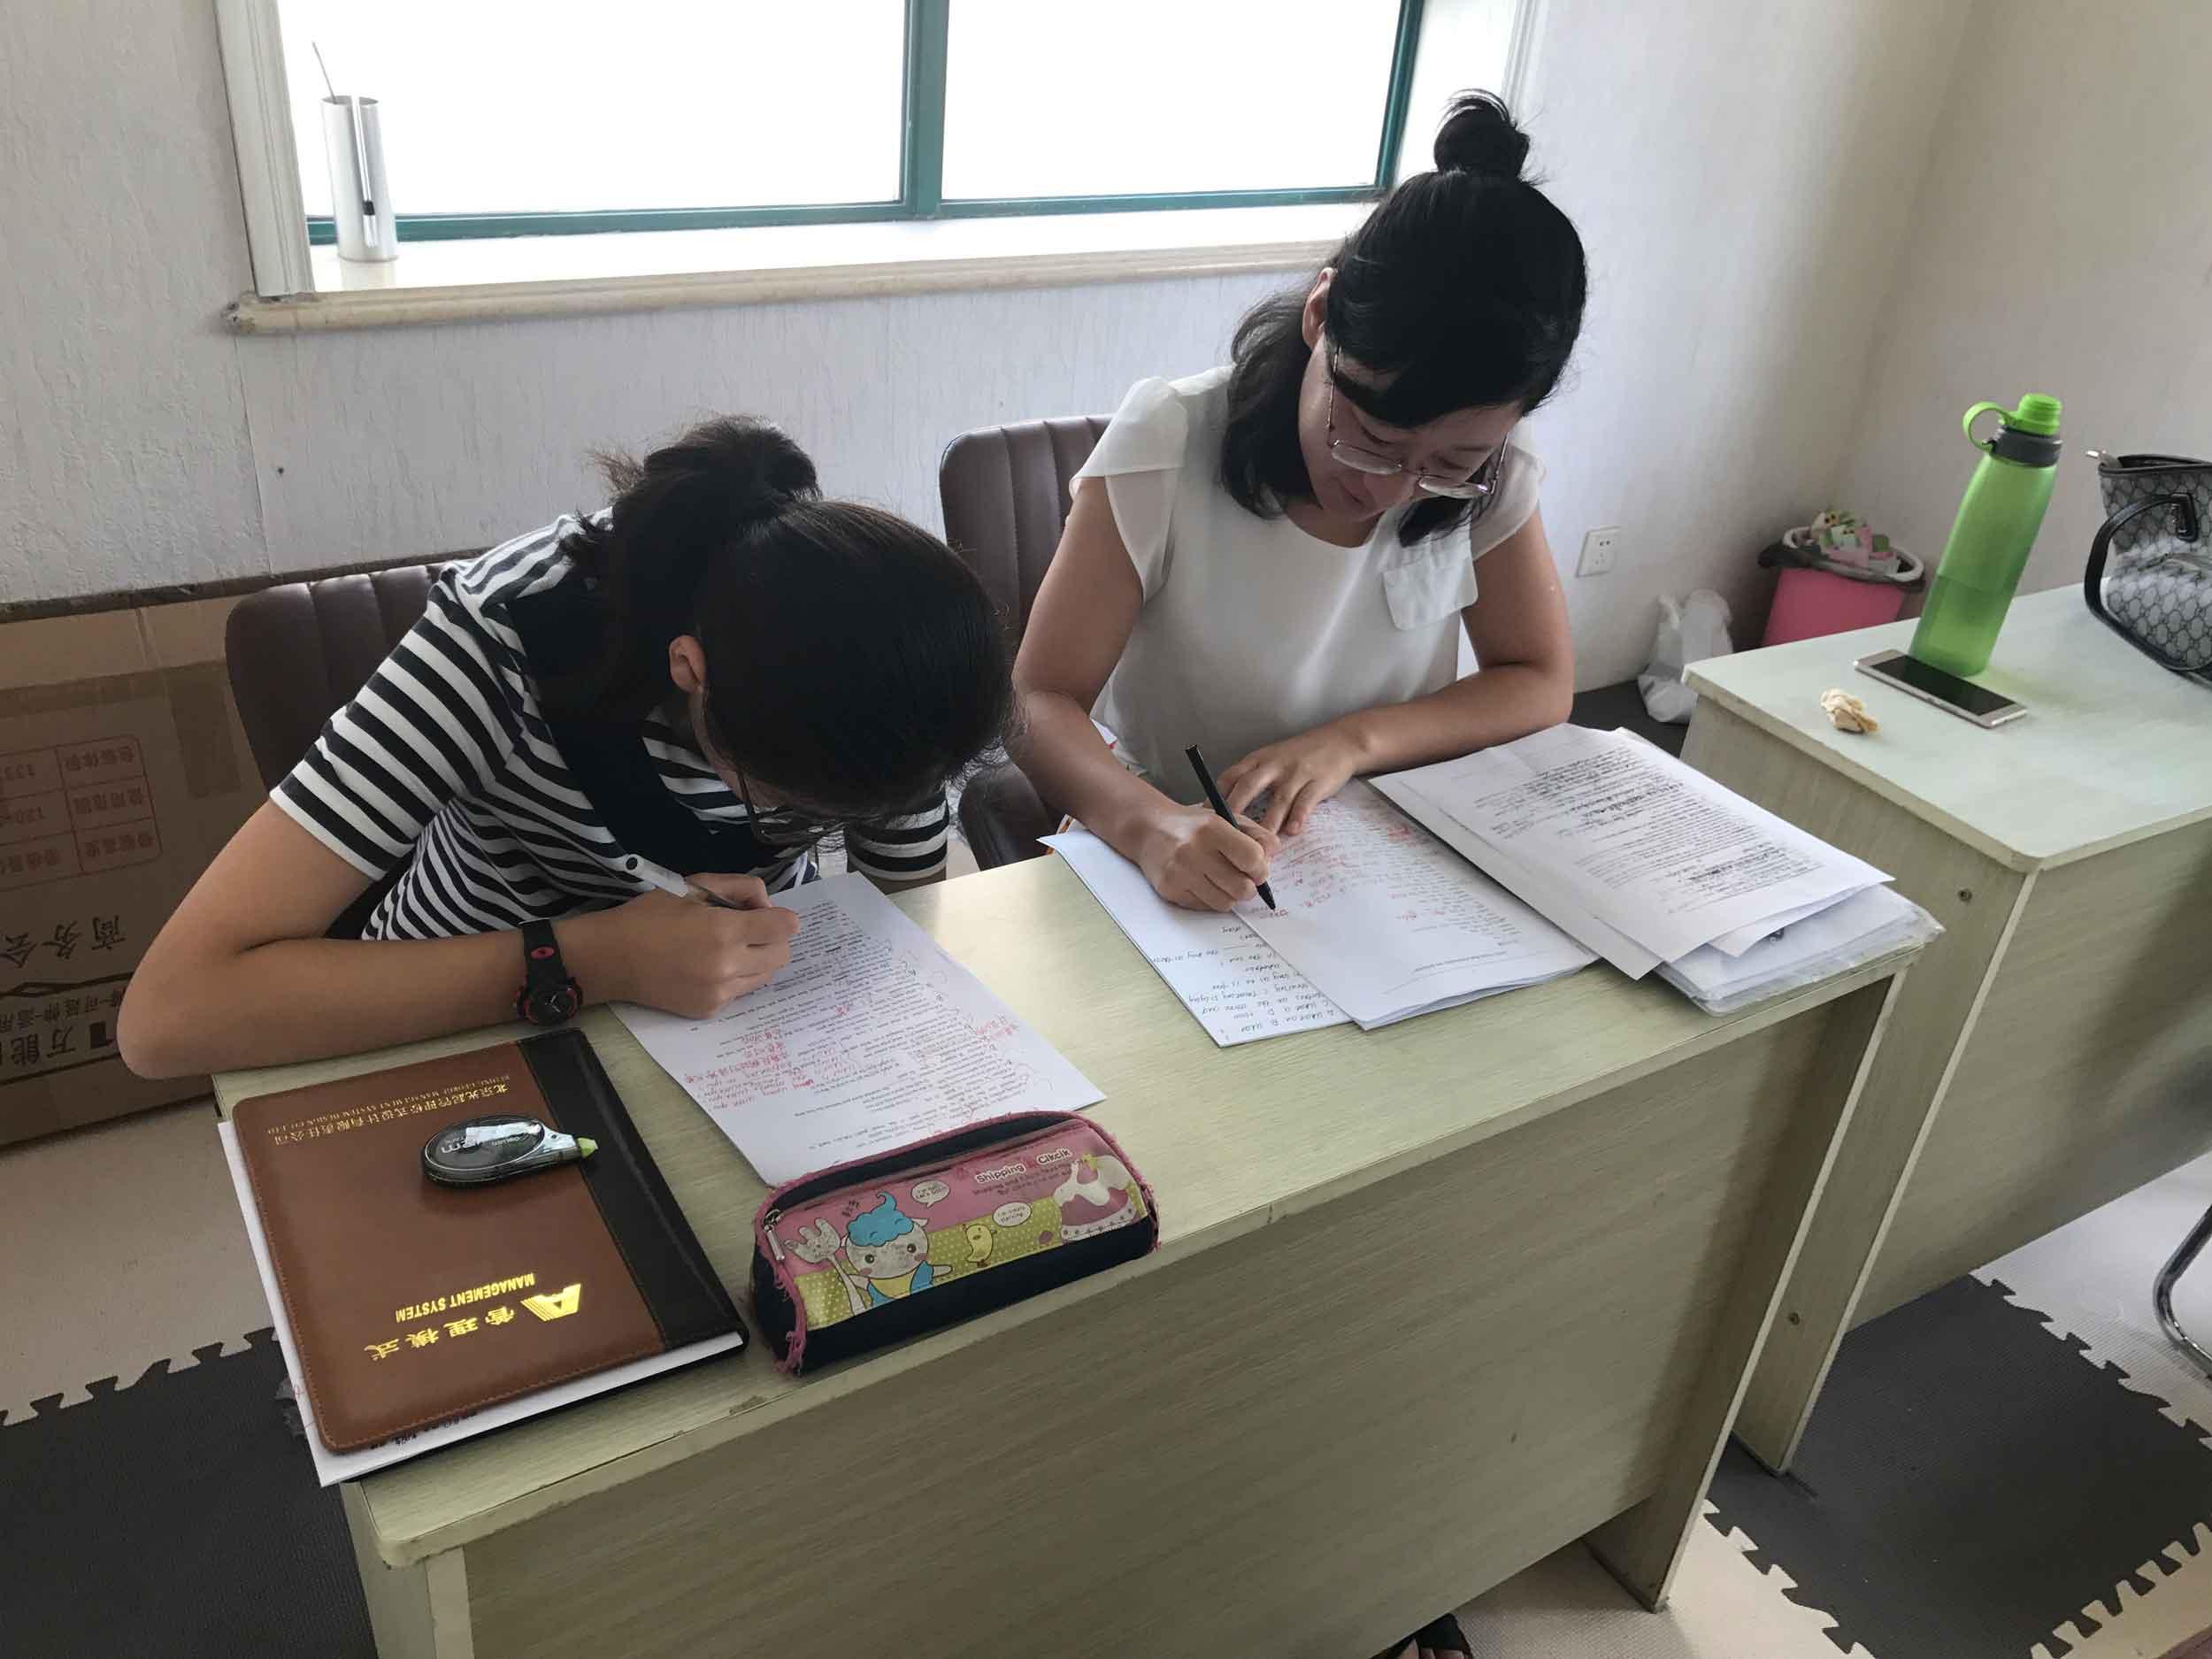 青島專業的小班授課,你值得信賴,李滄課外輔導小班